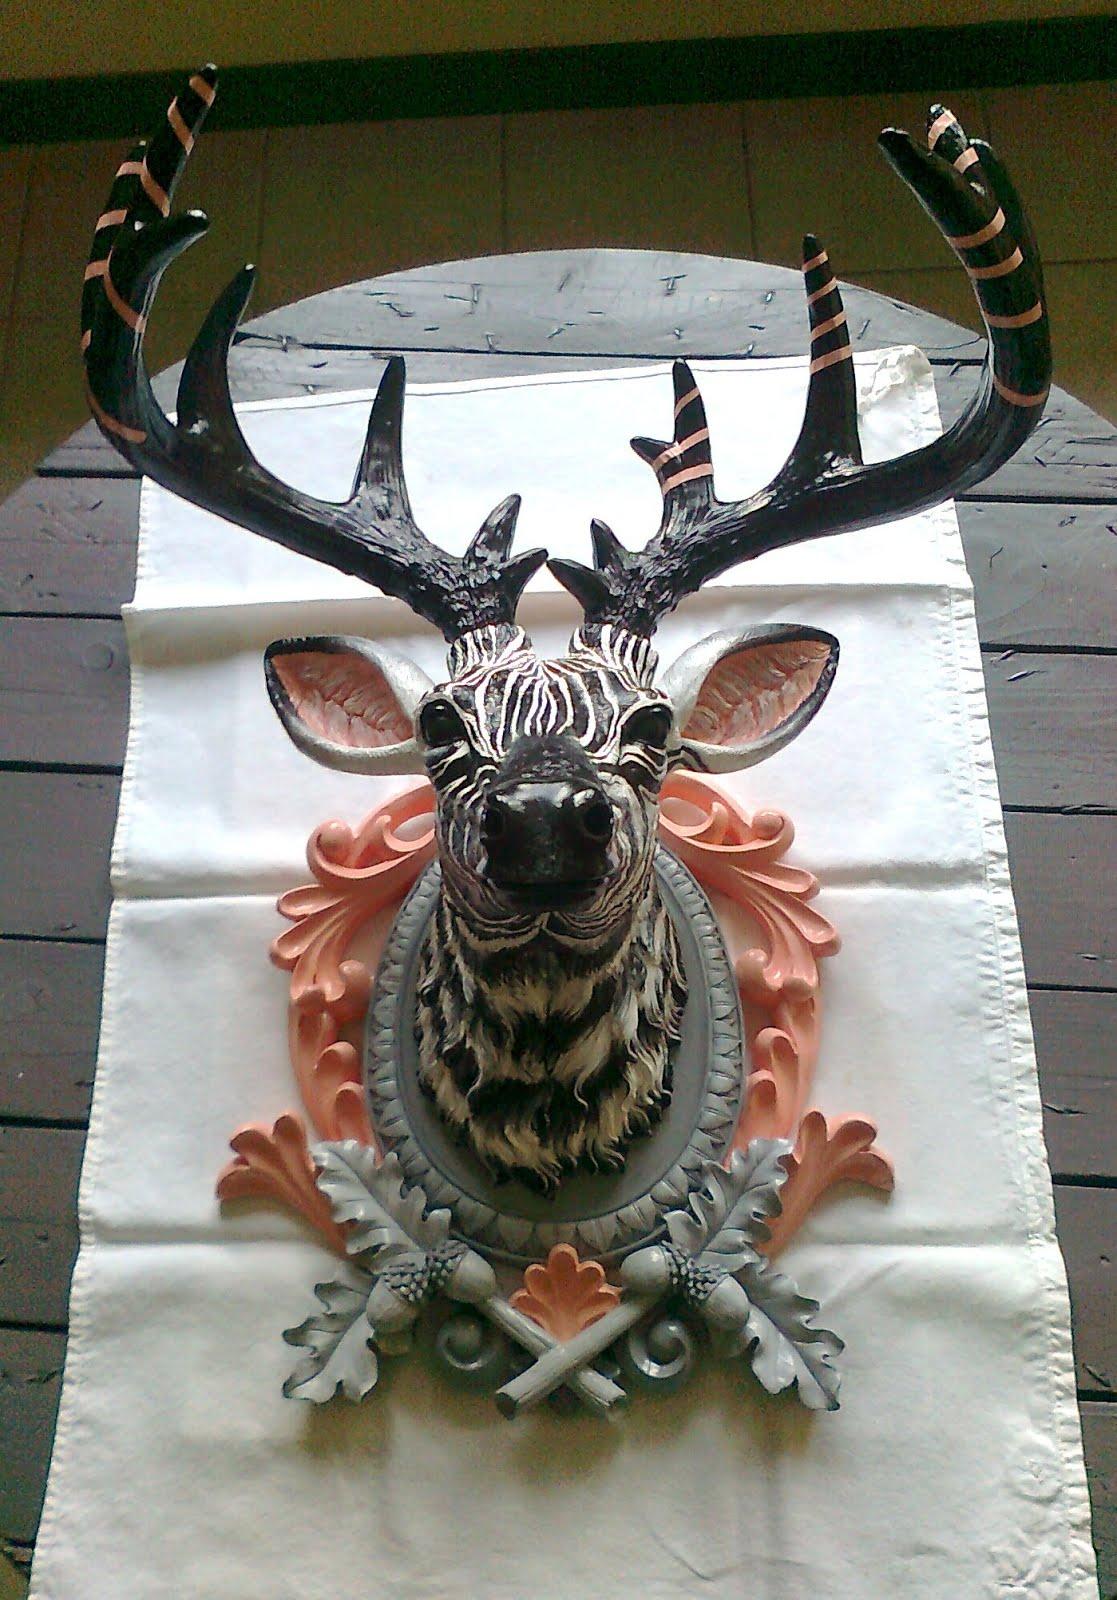 marl ne lecoeur commande pour peindre une t te de cerf toute blanche je l 39 ai revisit fa on. Black Bedroom Furniture Sets. Home Design Ideas